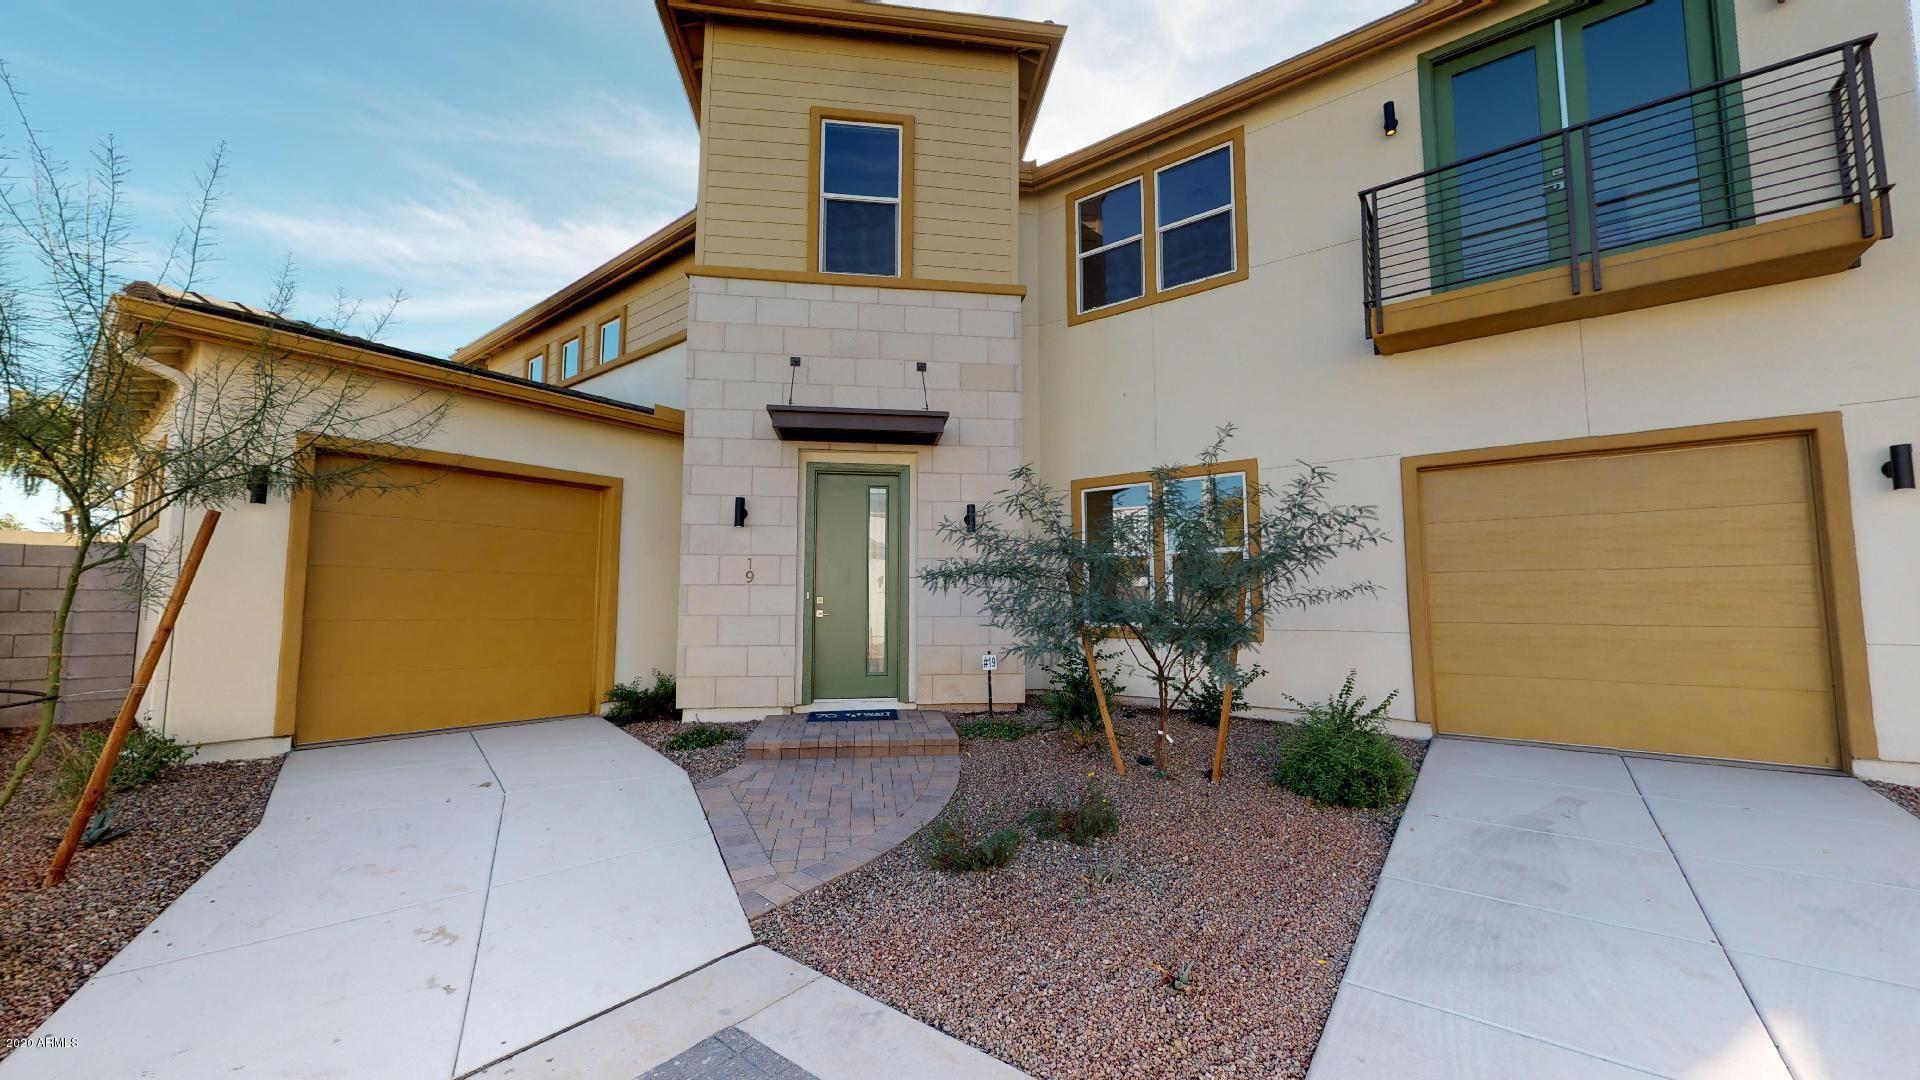 1555 E OCOTILLO Road #13, Phoenix, AZ 85014 - MLS#: 6085012